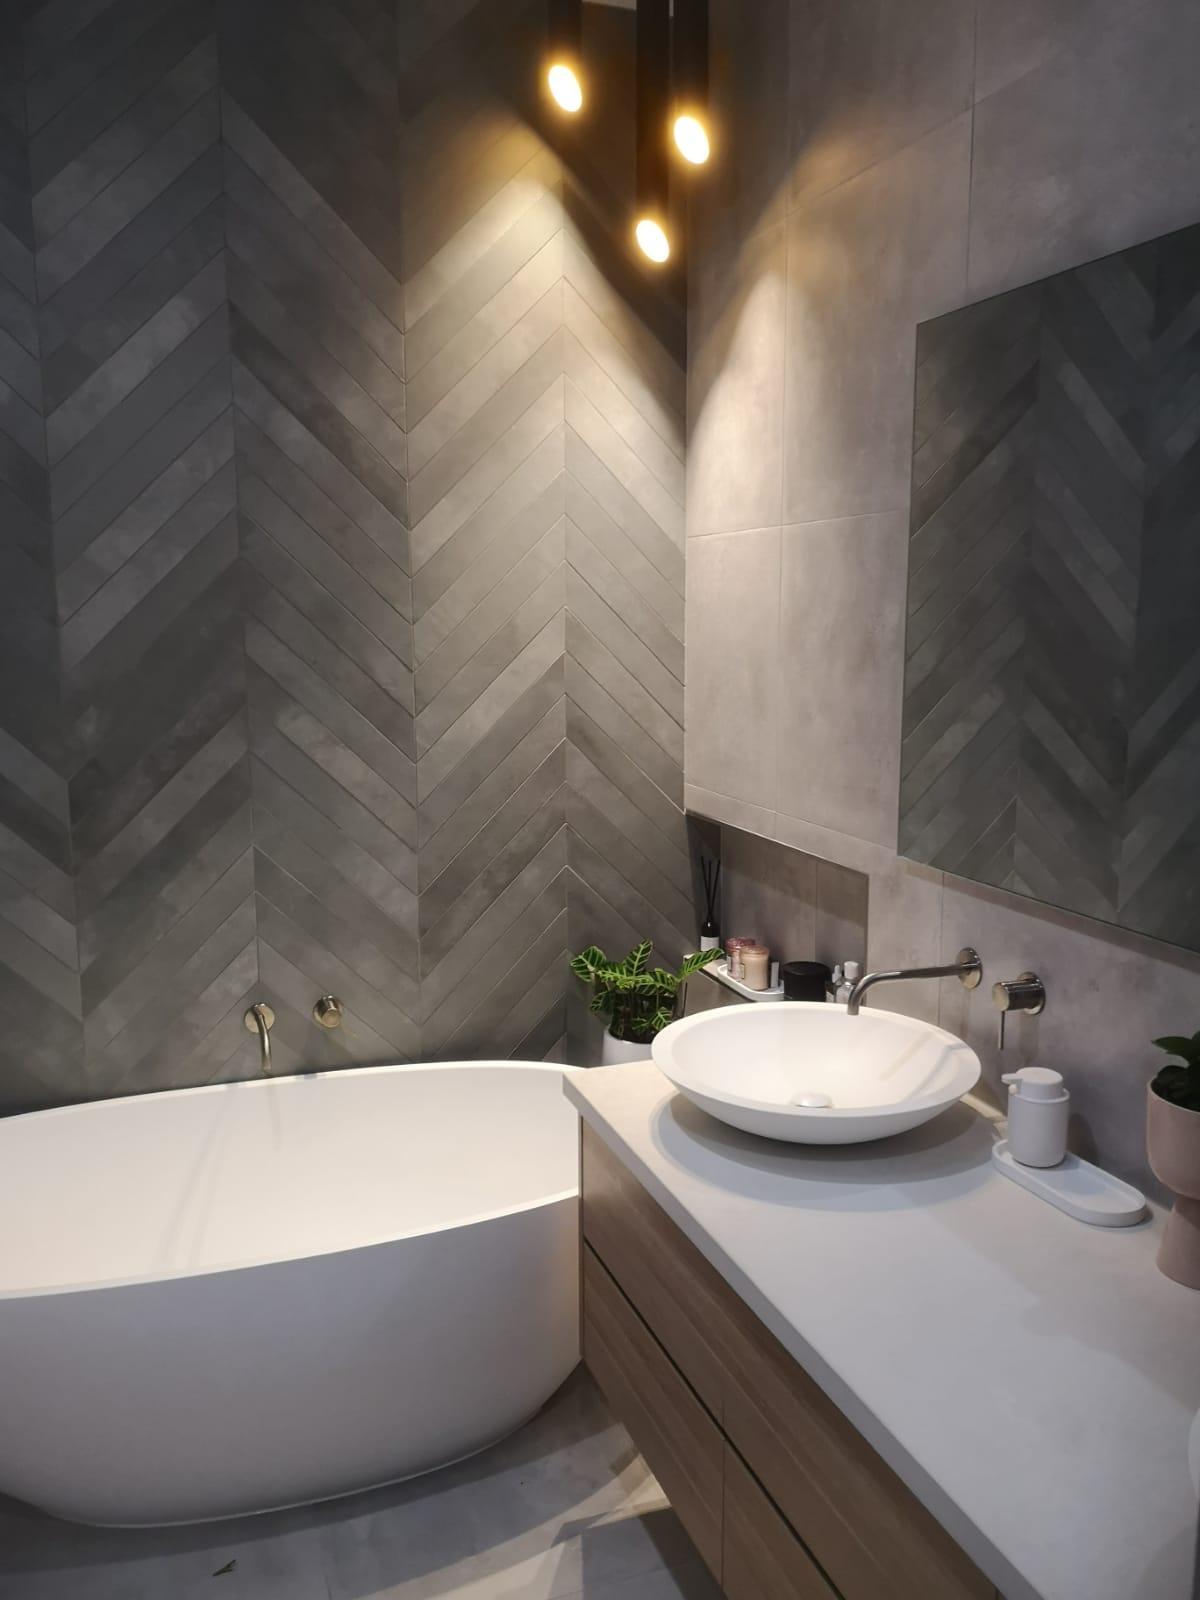 ravine vanity with stone bath